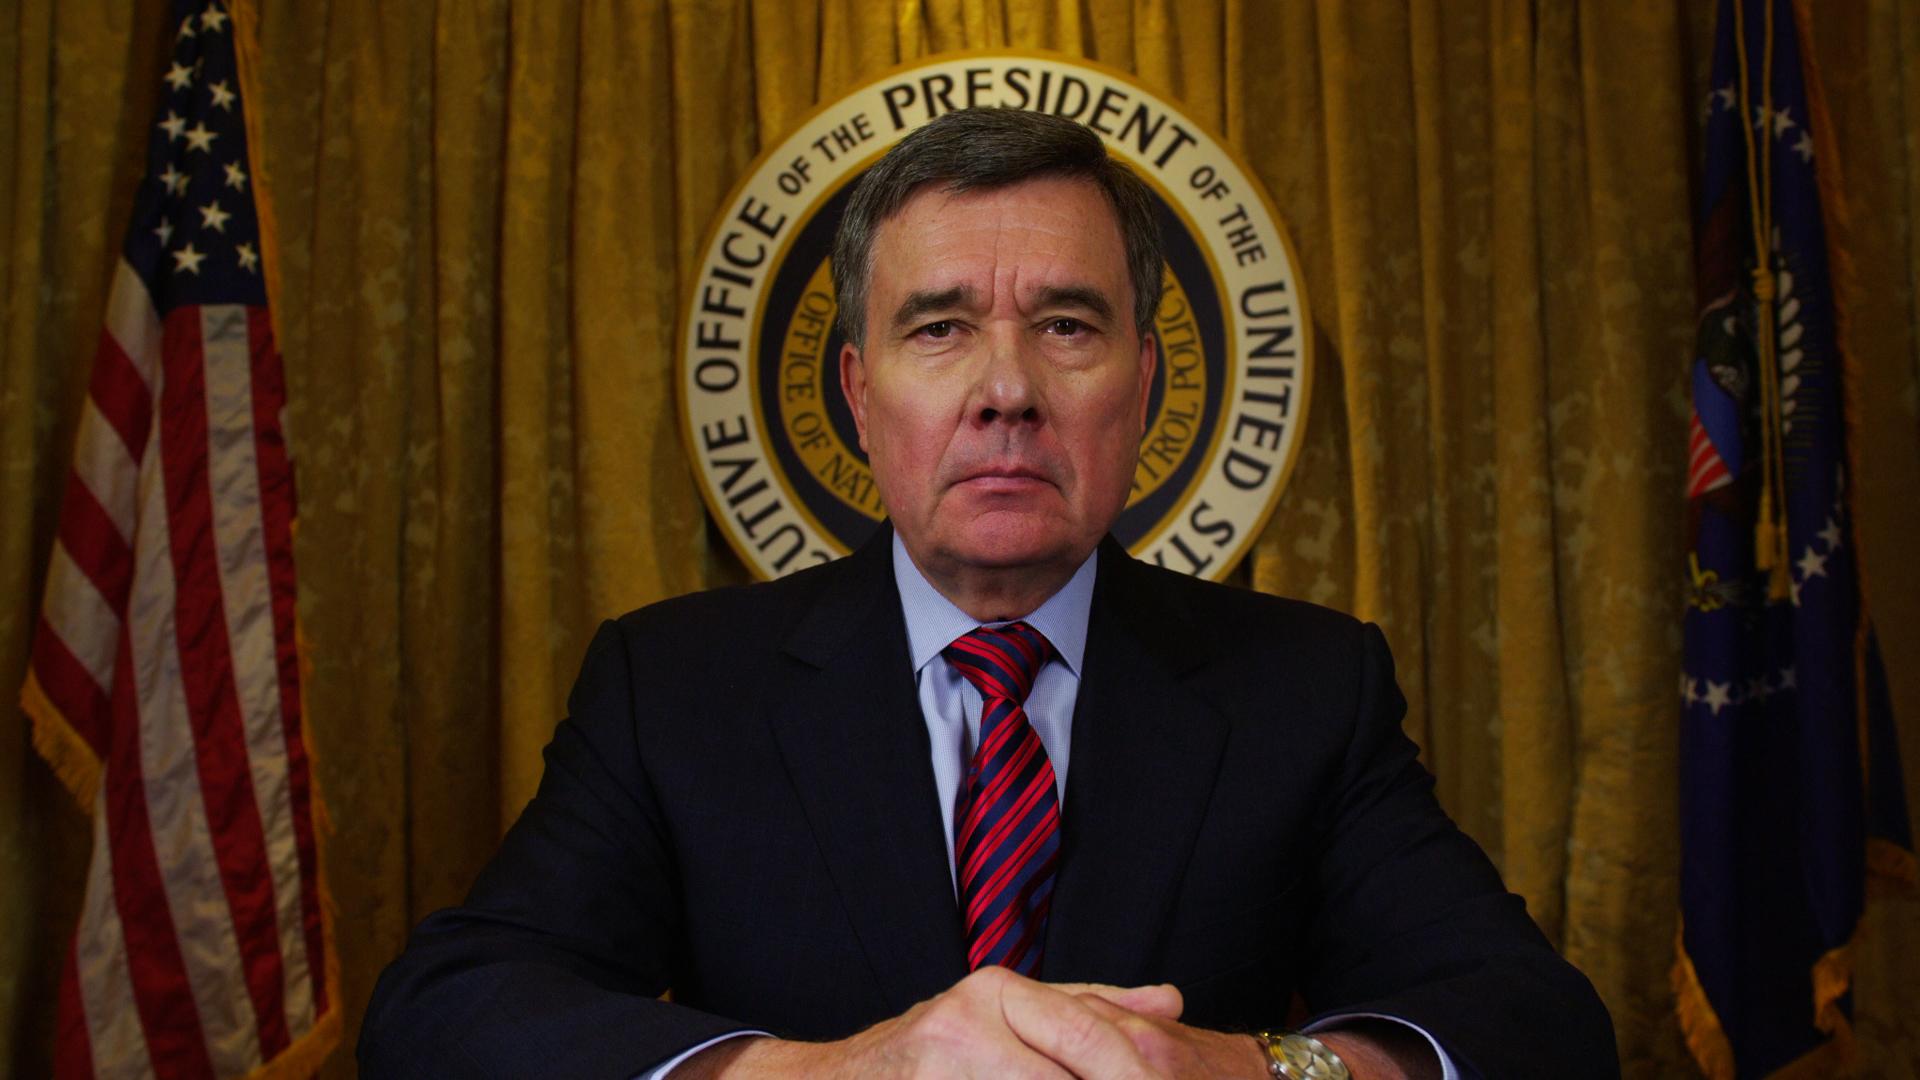 Come fare soldi vendendo droga: Gil Kerlikowske, direttore dell'Office of National Drug Control Policy, in una scena